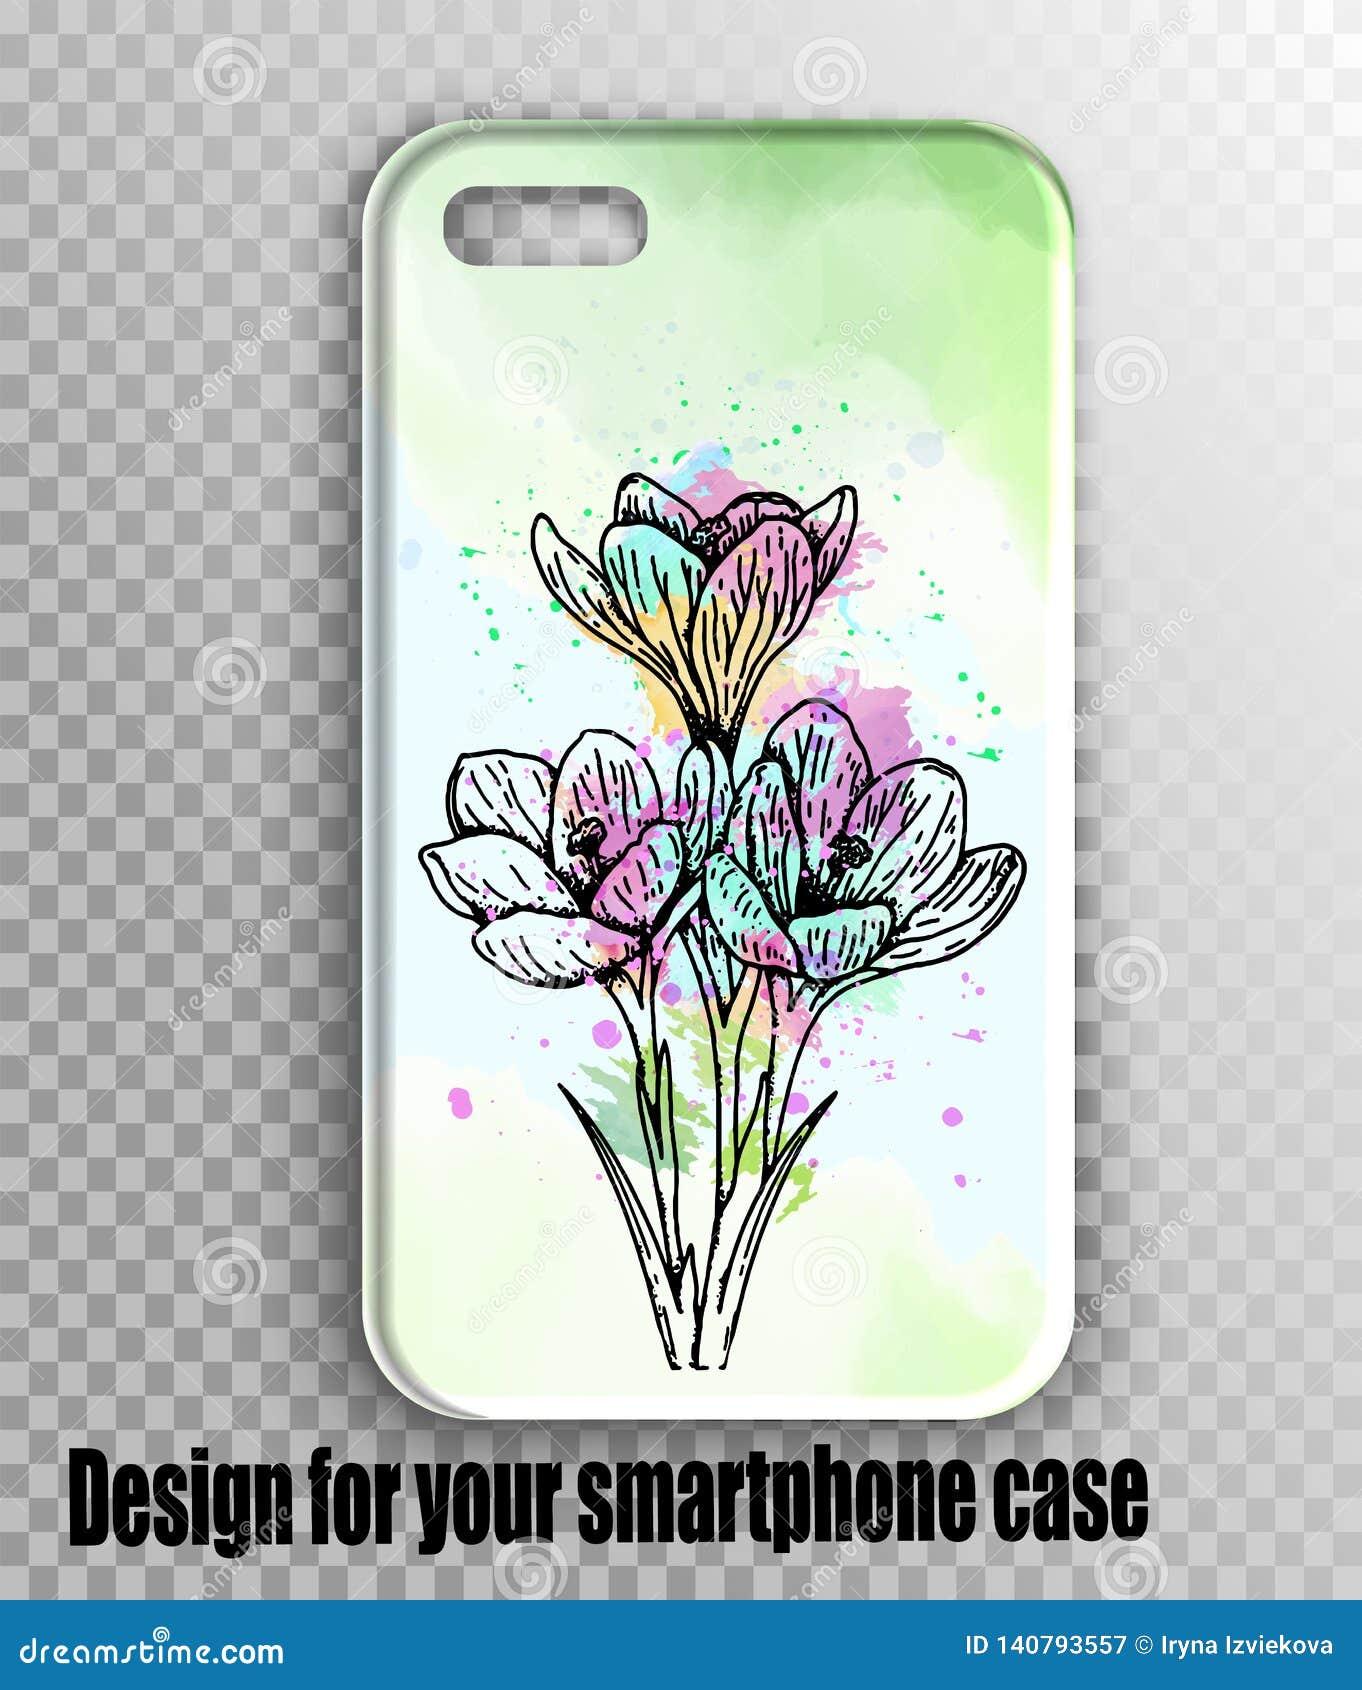 Stilvolles Vektor iphone Abdeckungsmodell - Aquarellgrün, frischer Druck des Frühlinges mit Blumen